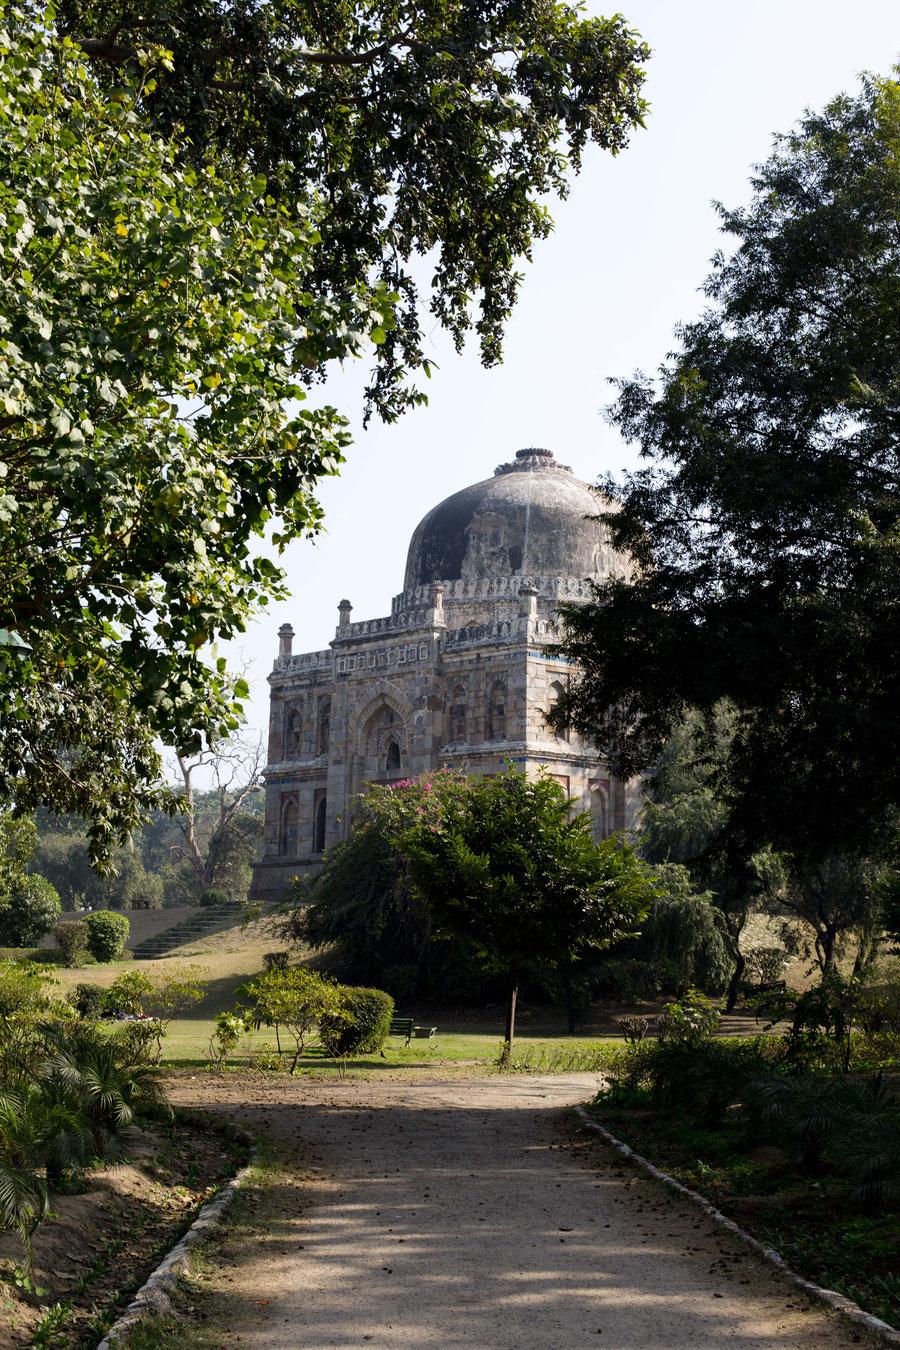 Shishi Gumbda, Lodhi garden, India